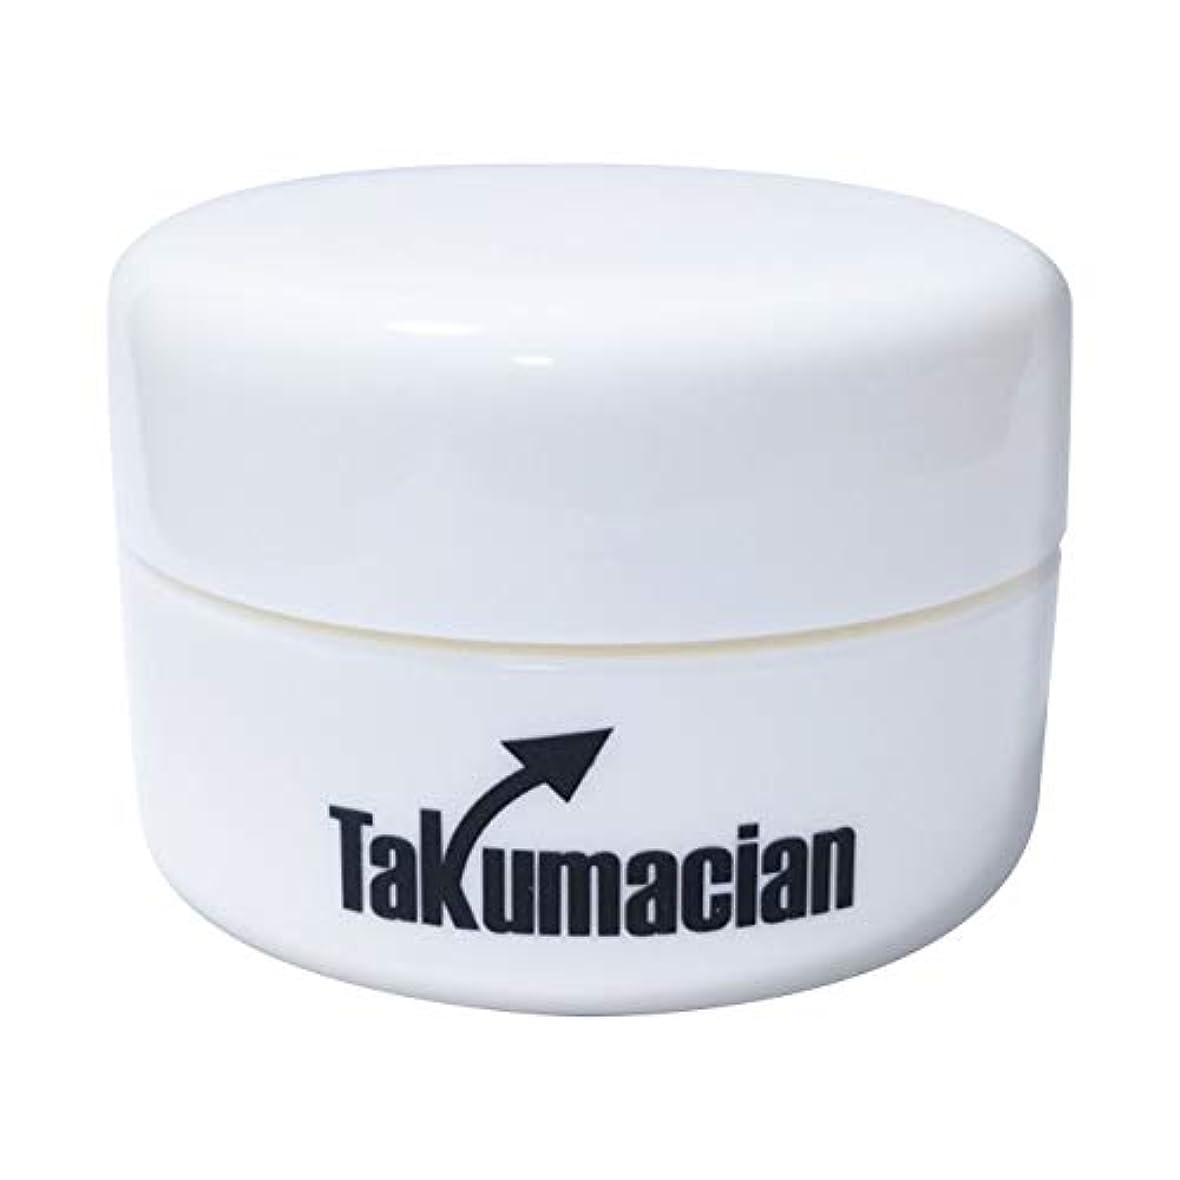 定刻オーストラリア人城Takumacian タクマシアン ボディ用クリーム 男性用 長持ち 自信